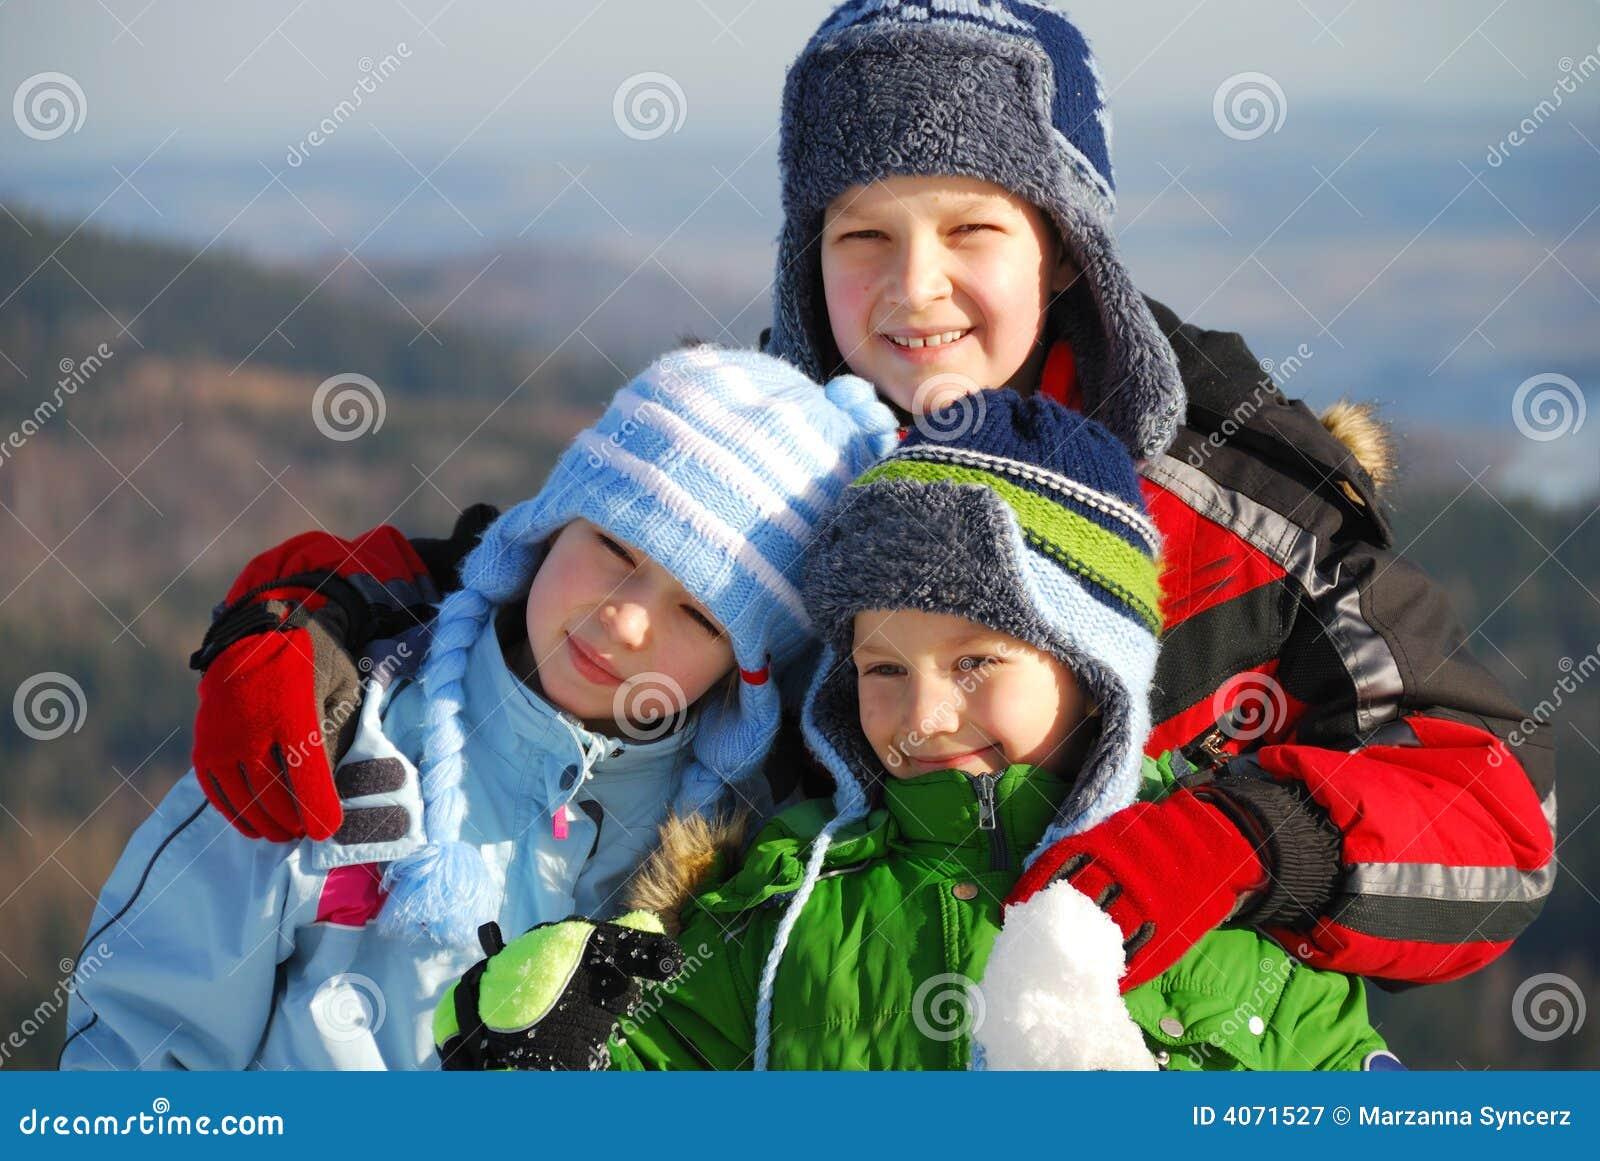 Crianças no inverno.